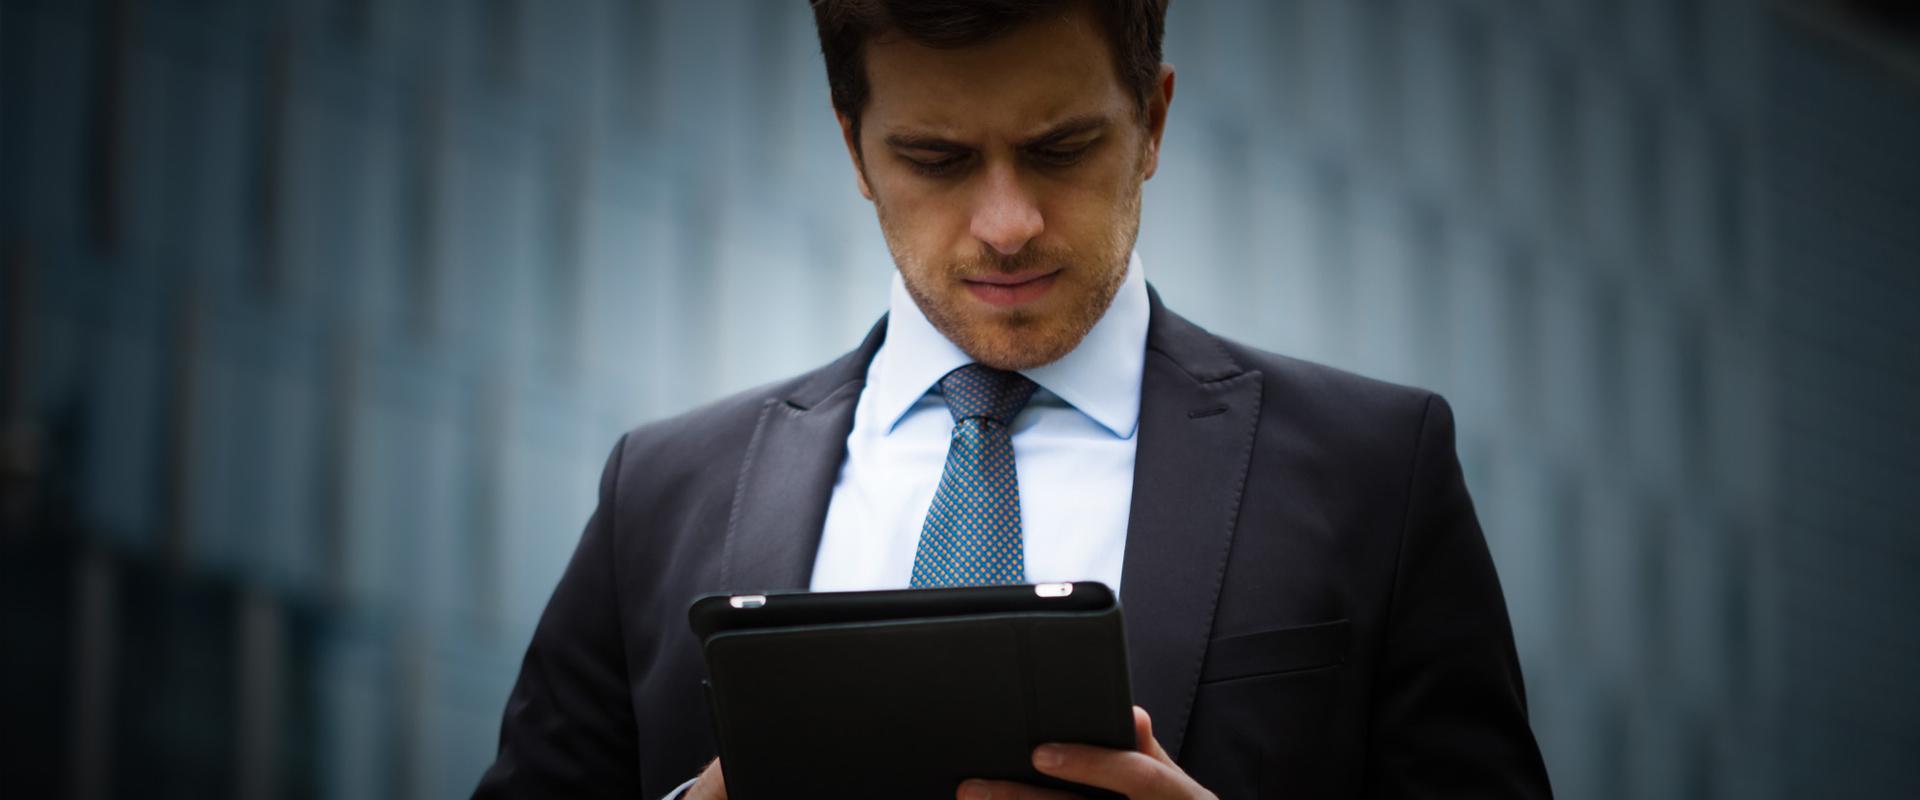 Mobile Seller App